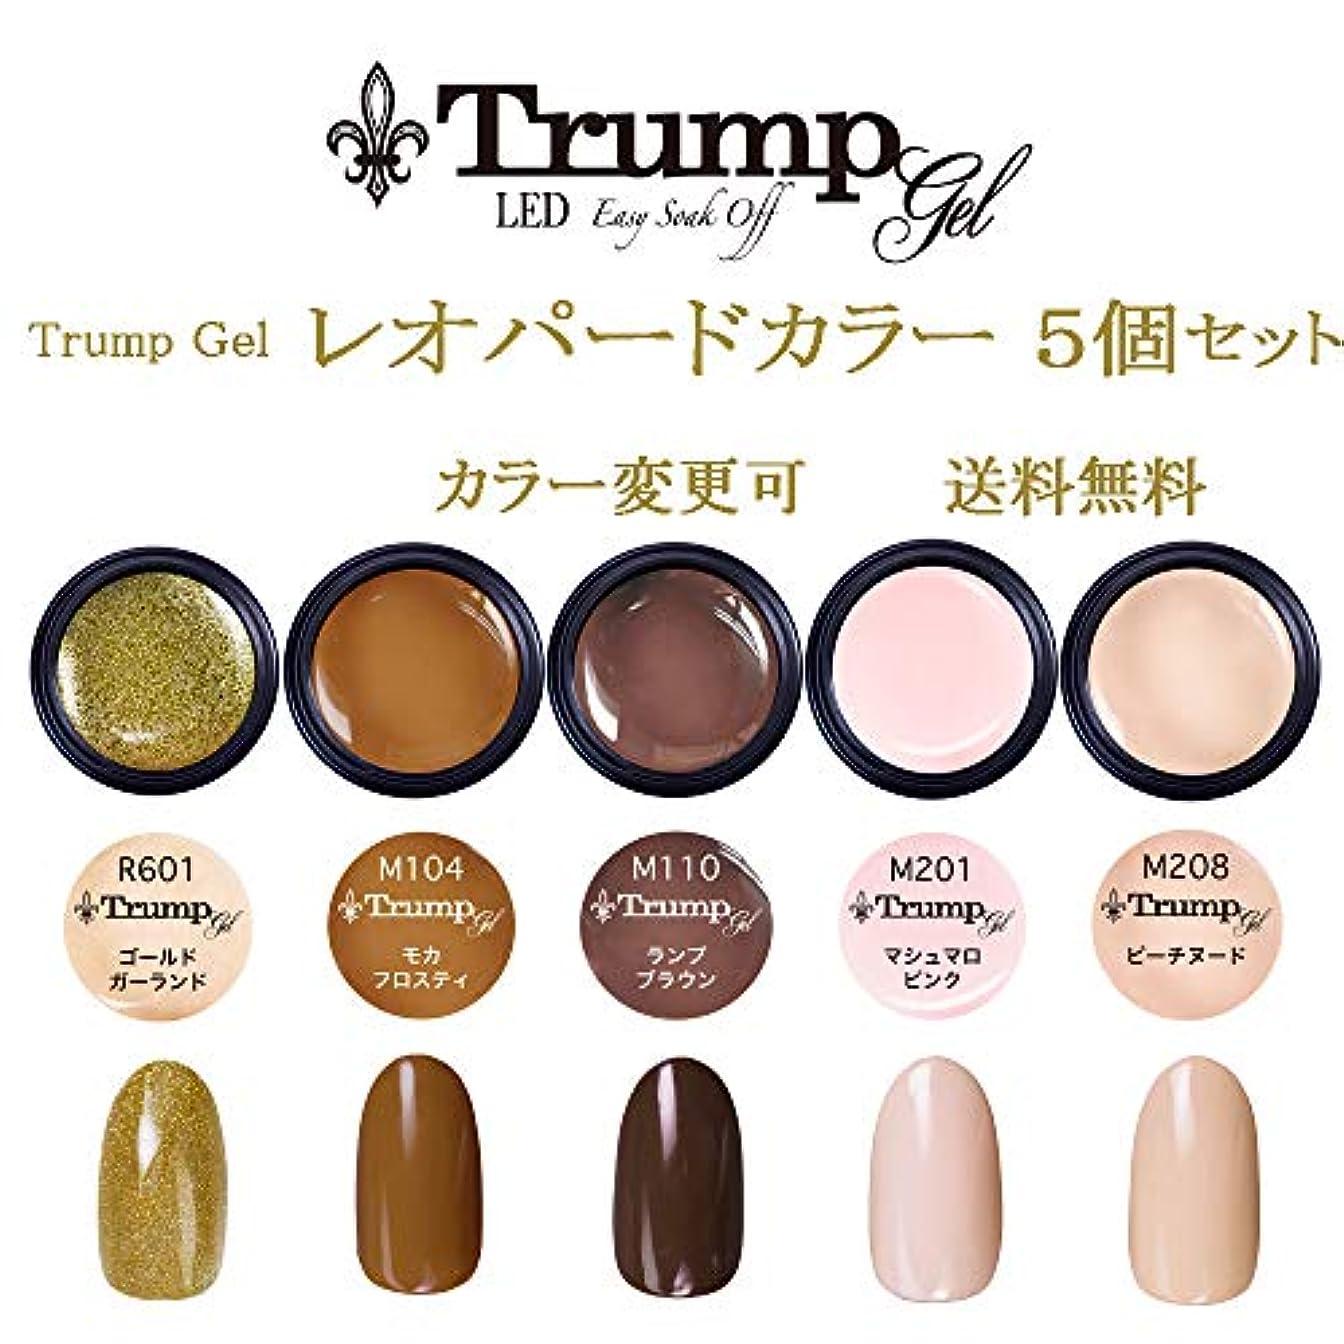 苦しめる強制台無しに【送料無料】日本製 Trump gel トランプジェル レオパードカラー 選べる カラージェル 5個セット アニマル ベージュ ブラウン ホワイト ラメ カラー